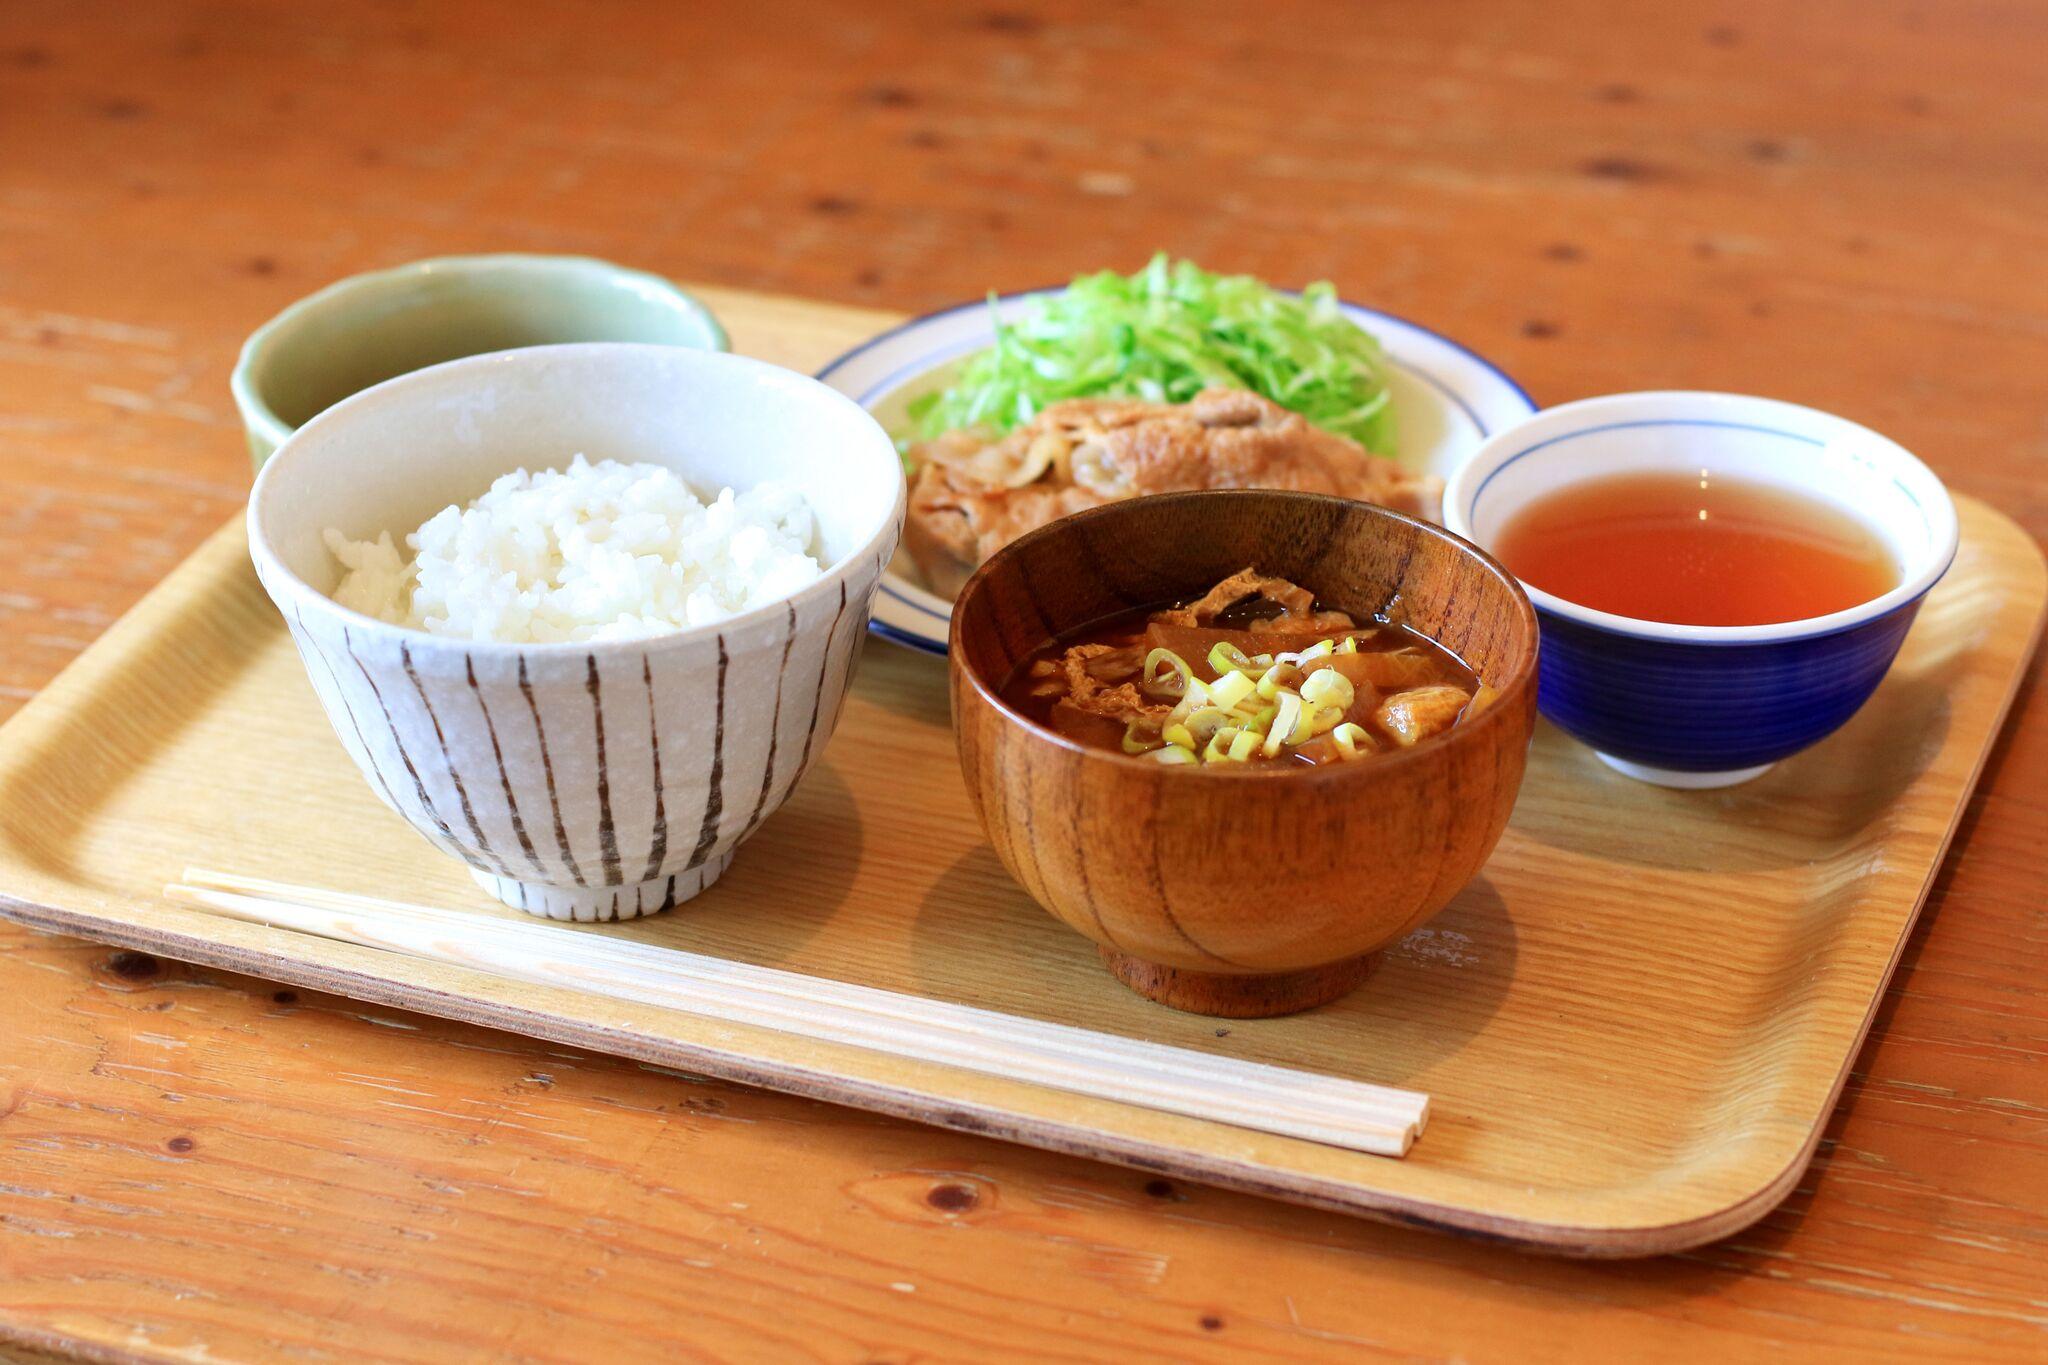 ねこまんまや定食を食べて猫助け!岐阜市に「さび食堂」がオープン - sub3